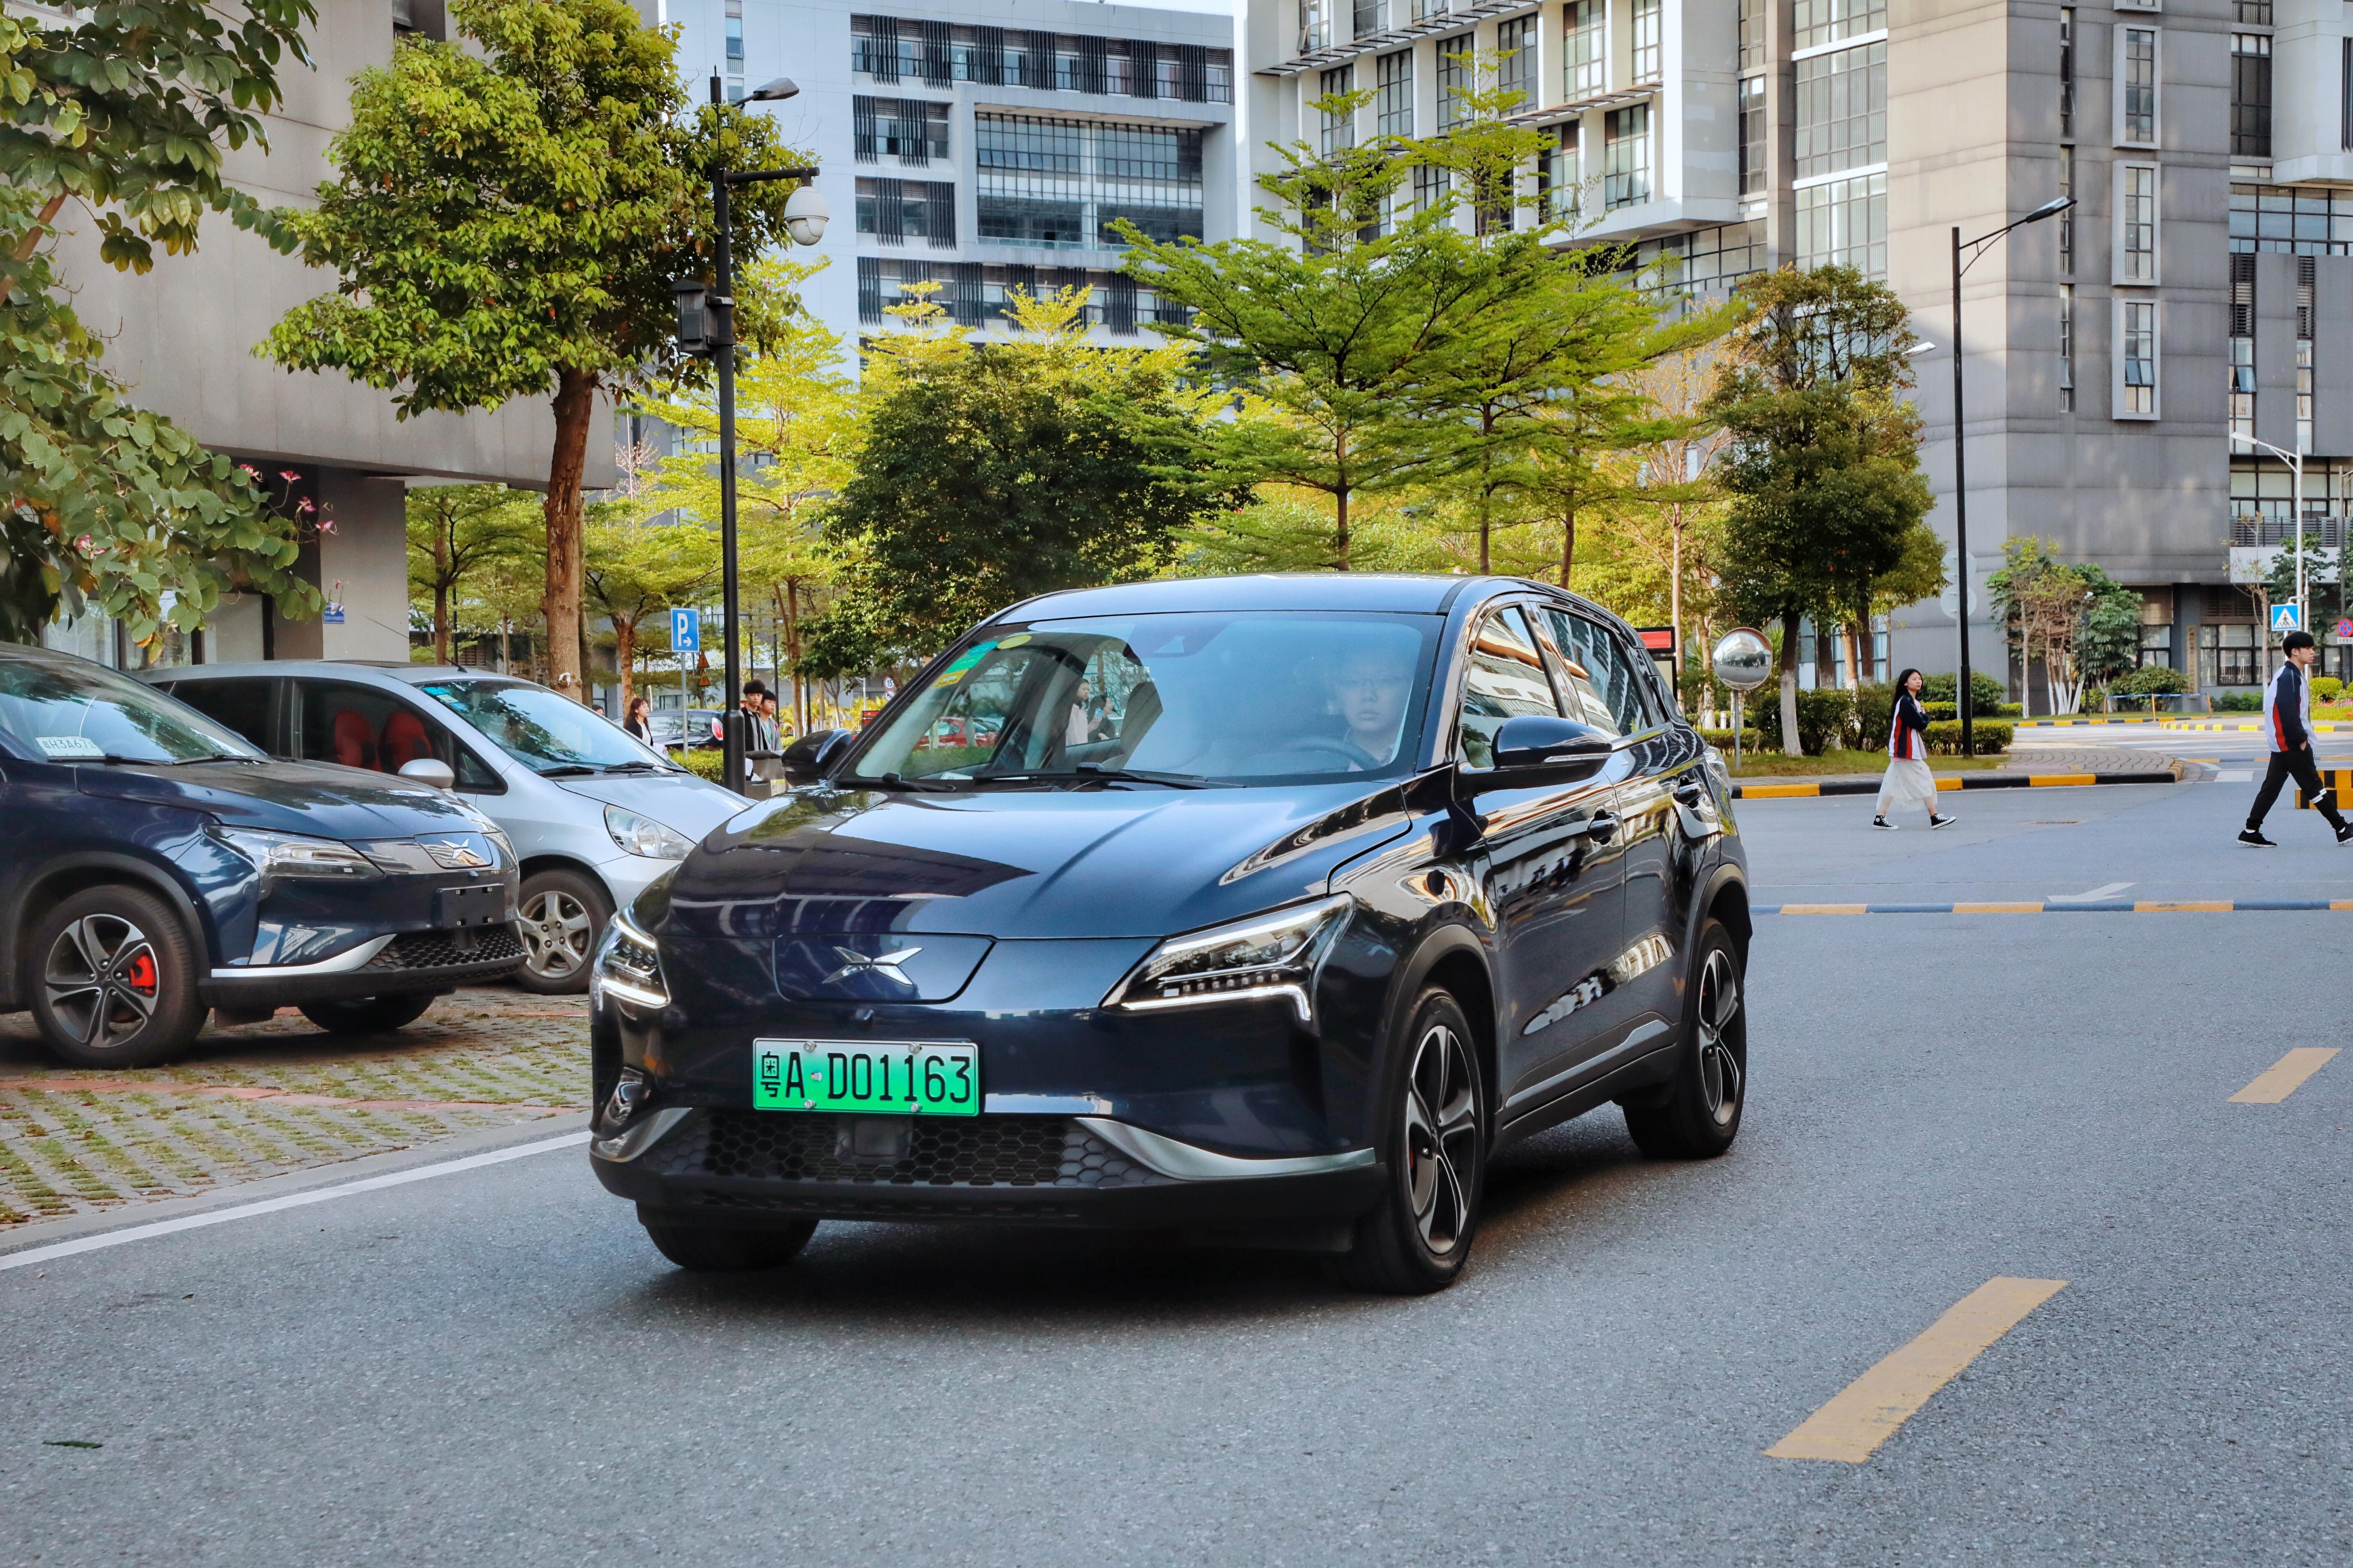 小鹏汽车获新能源汽车专用号牌  造车新势力量产大战加速